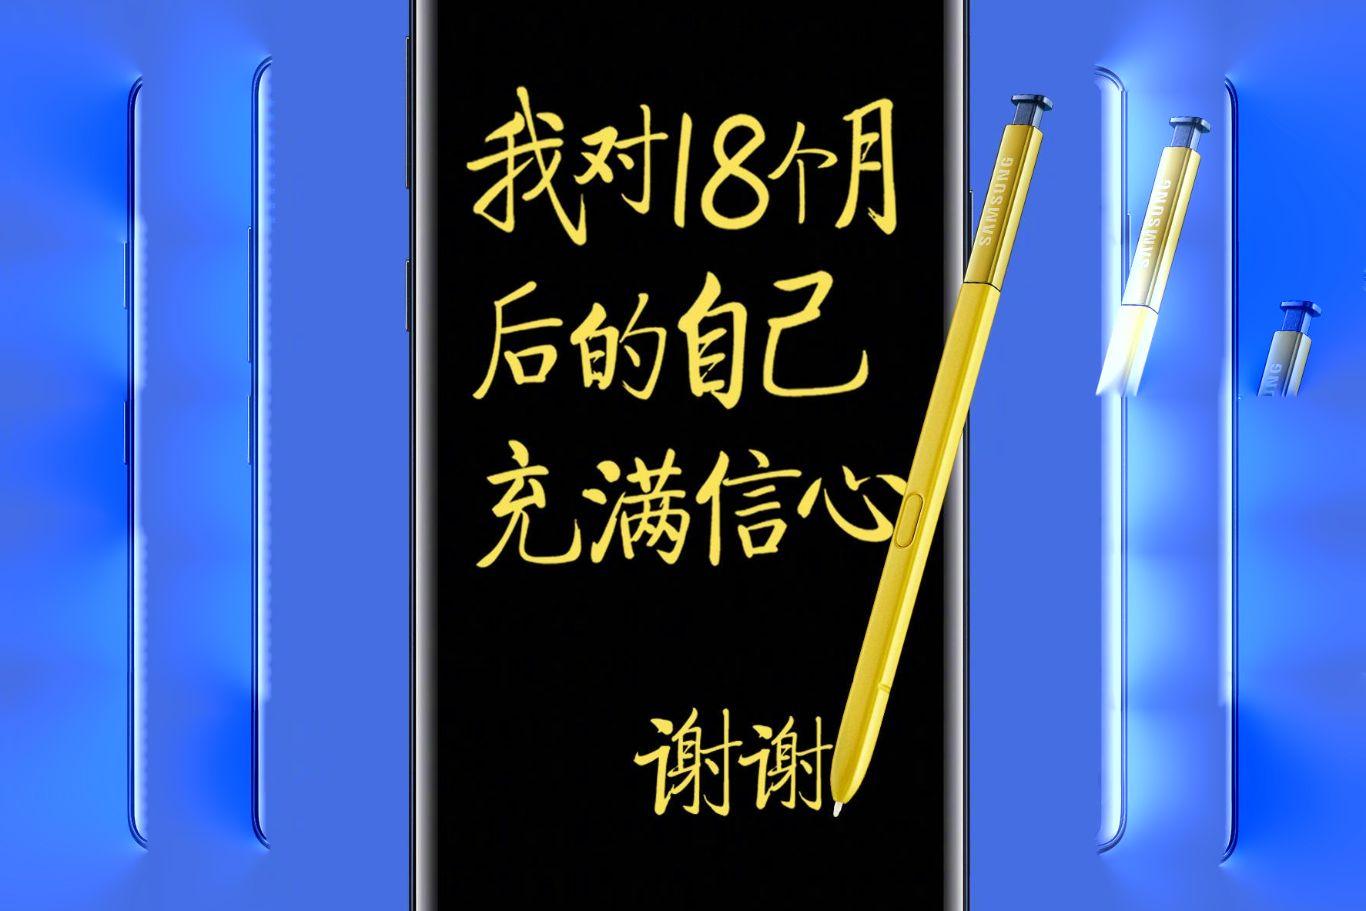 تیکه سامسونگ چین به هوآوی: پس از ۱۸ ماه همچنان به خودم مطمئن خواهم بود